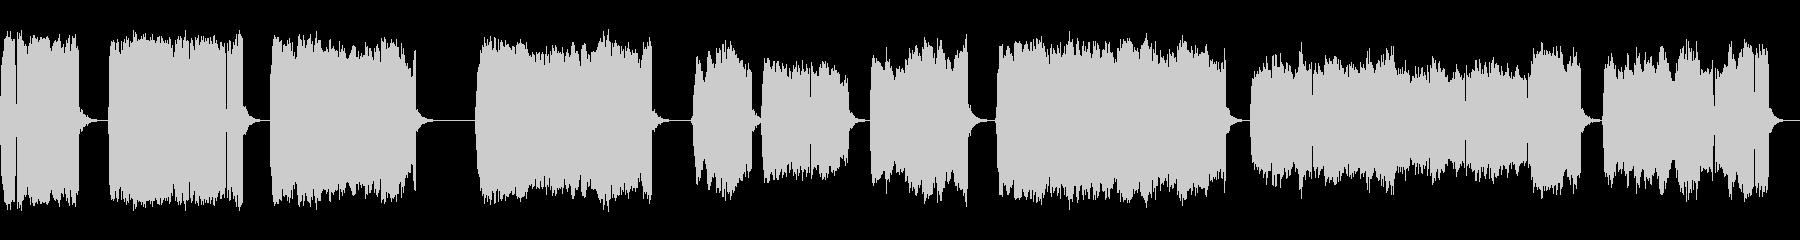 連続的な電気スパークとアーク、フォリーの未再生の波形